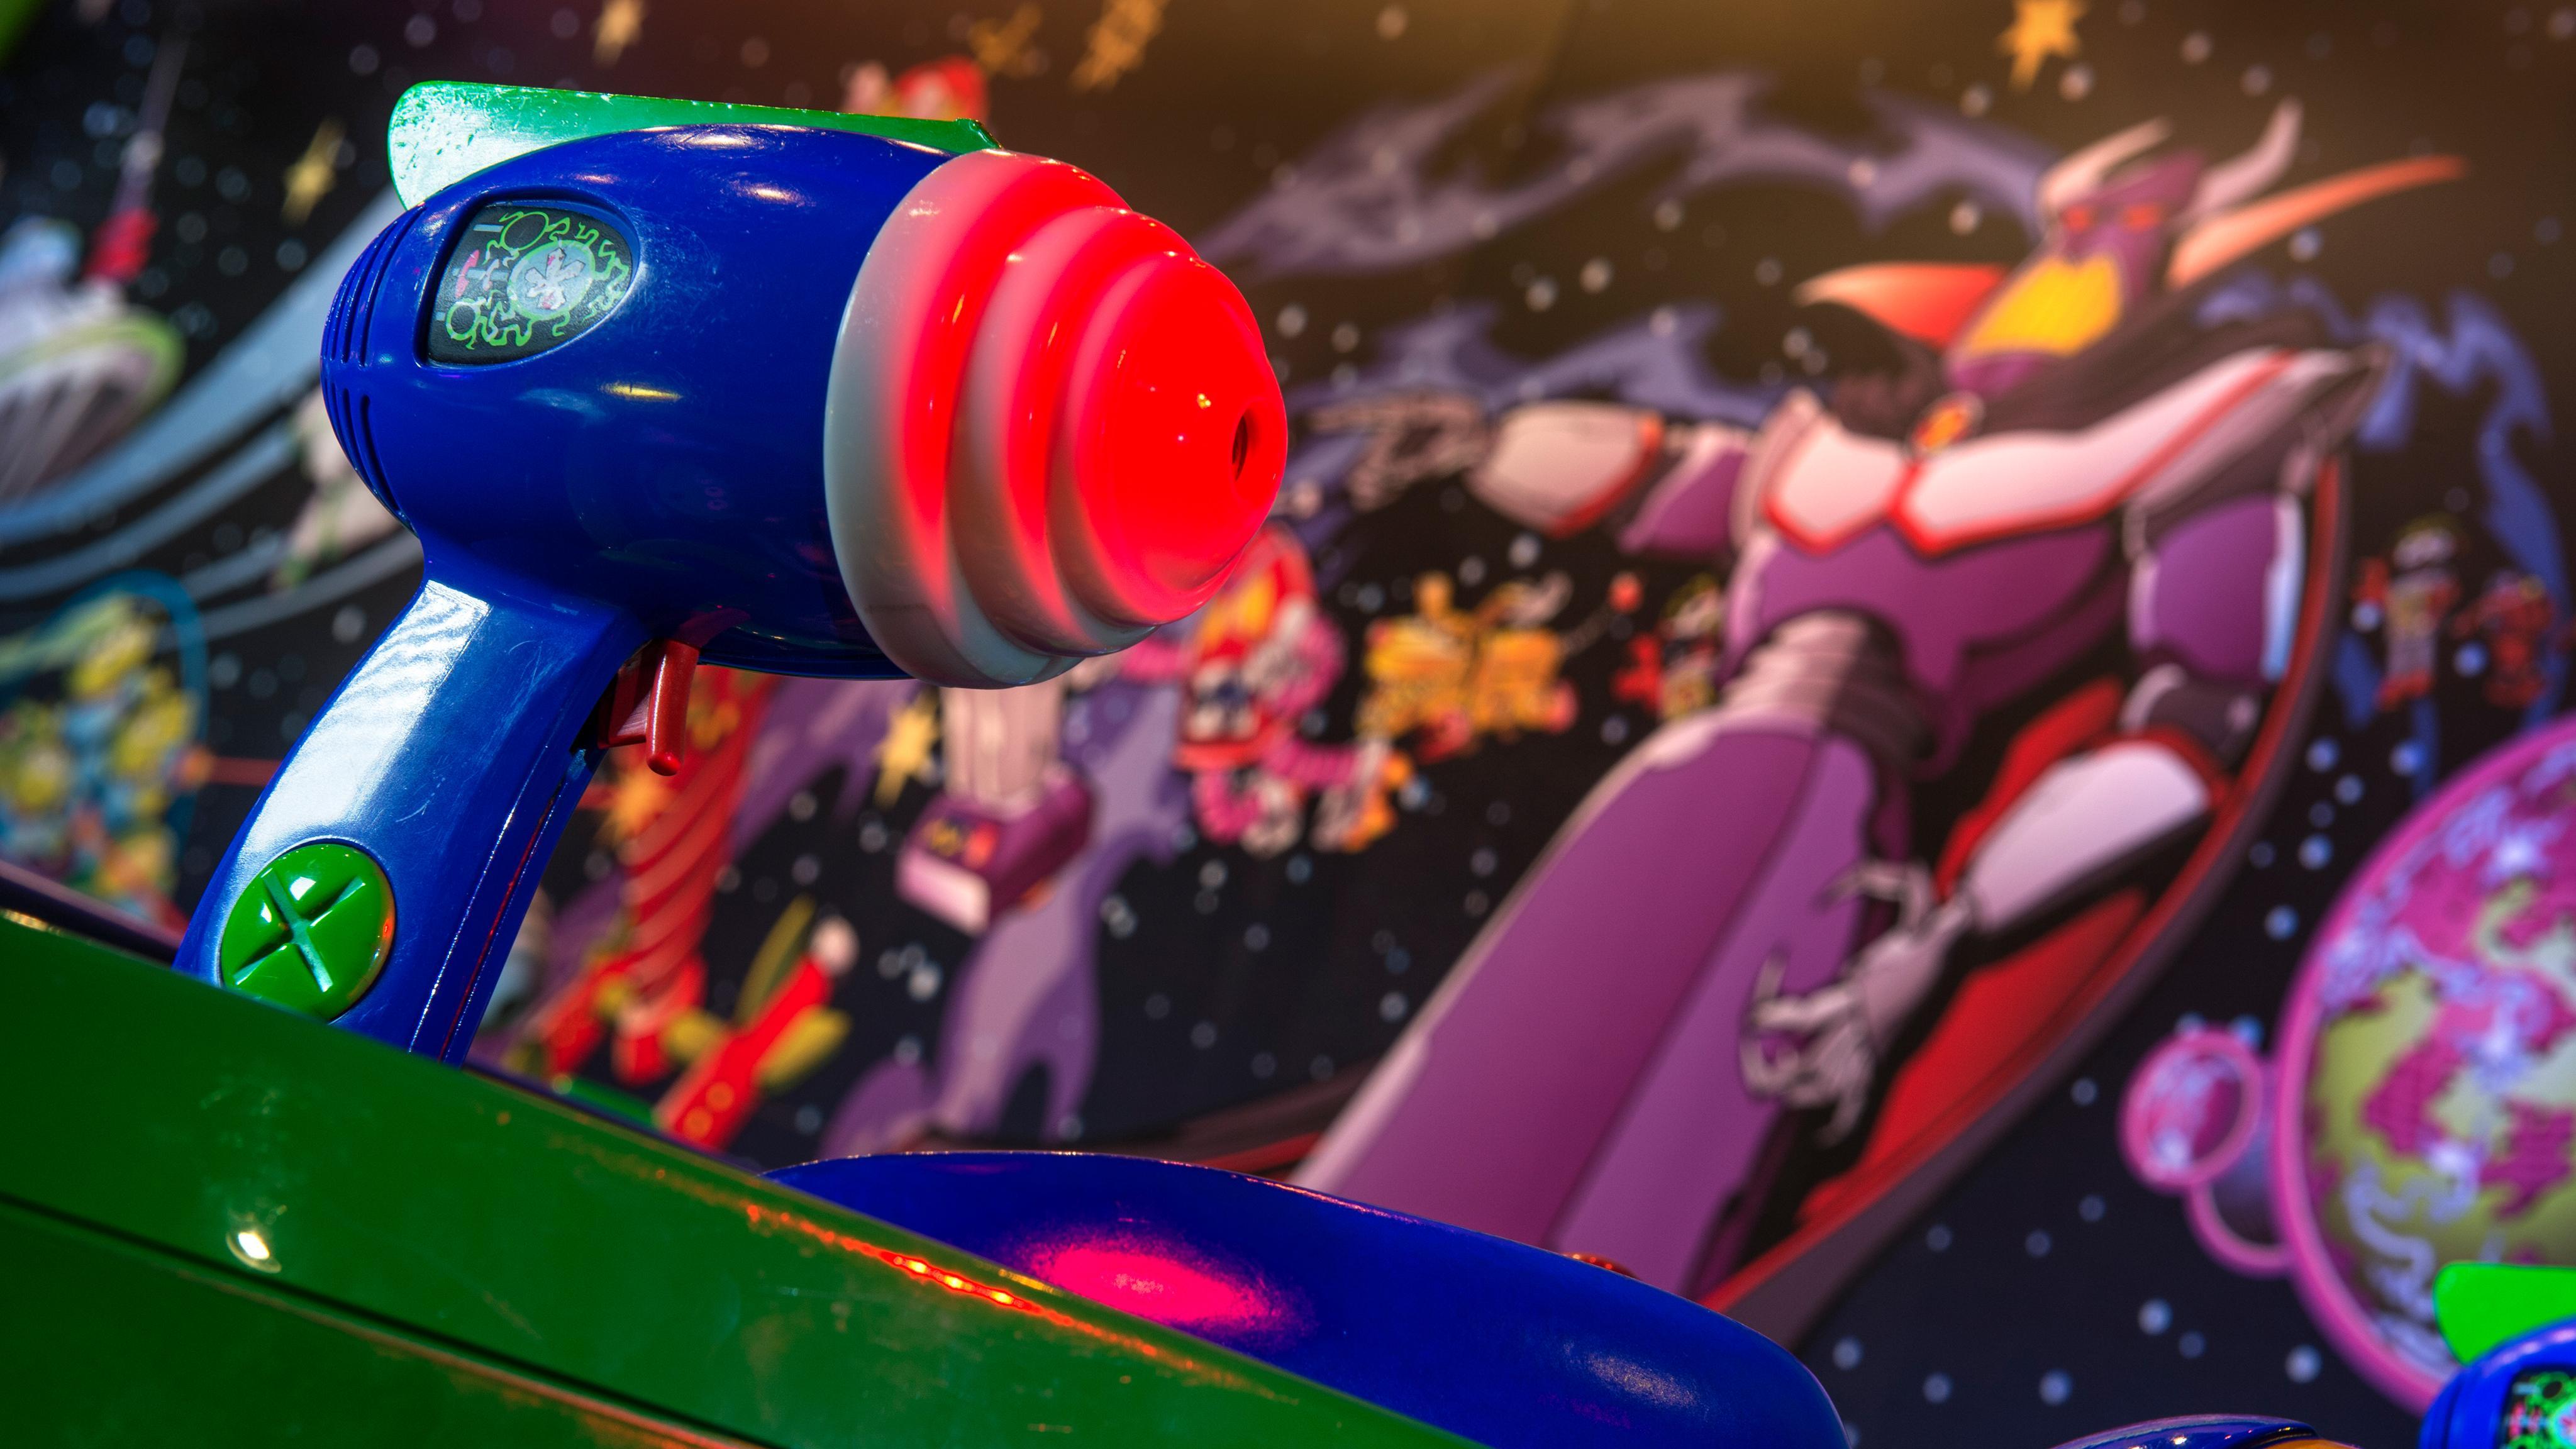 Laser Buzz Et ParcDisneyland Lightyear Attraction Blast Paris WID2EH9Y